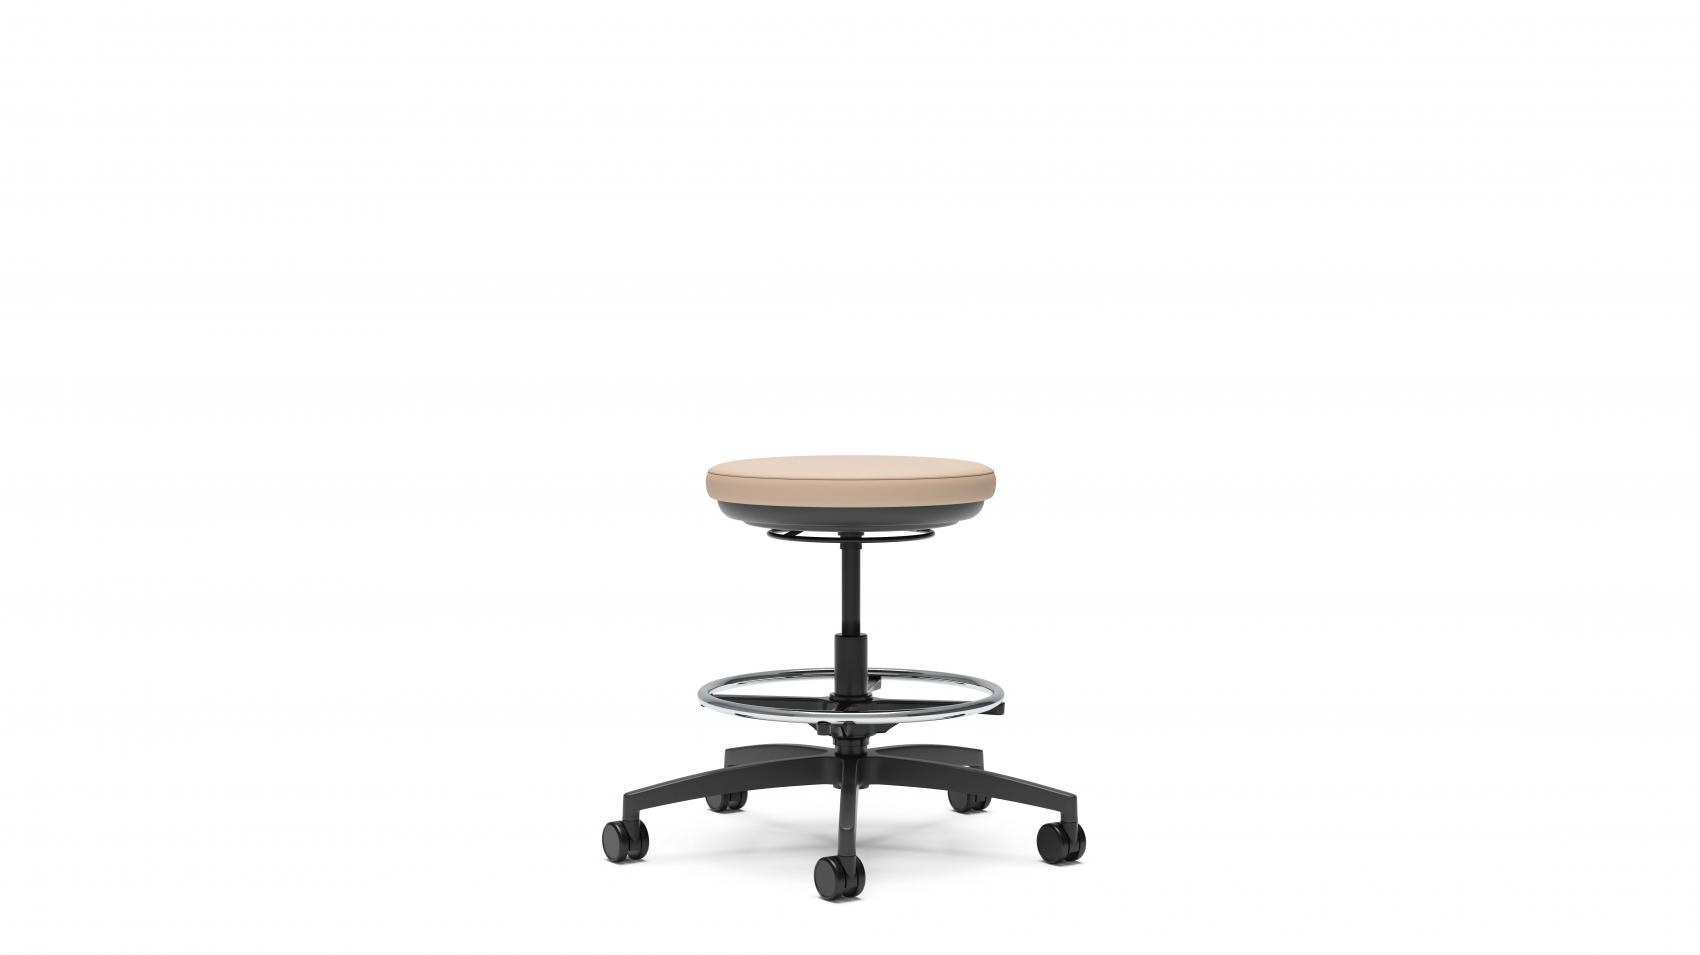 Stray physician's stool